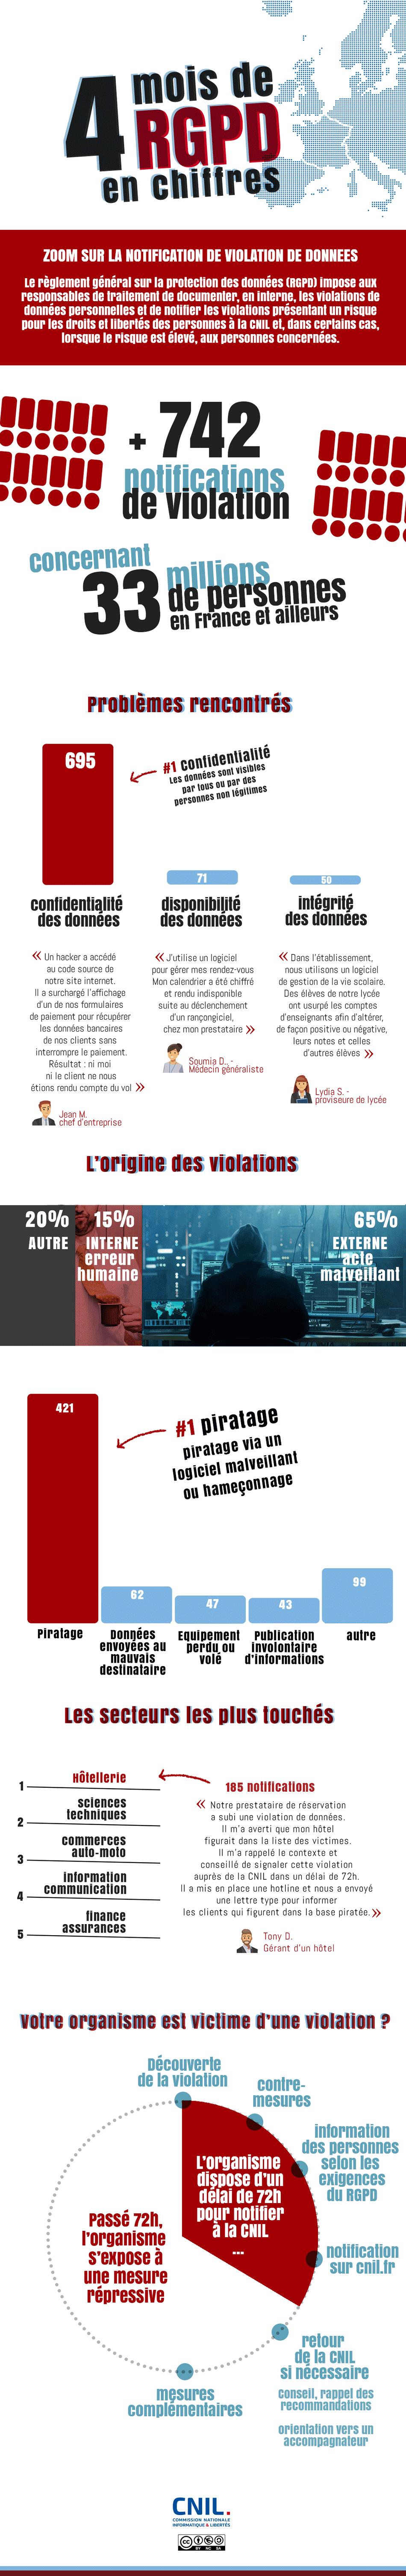 agence digitale admaker infographie bilan rgpd de la cnil sur les violations de données personnelles